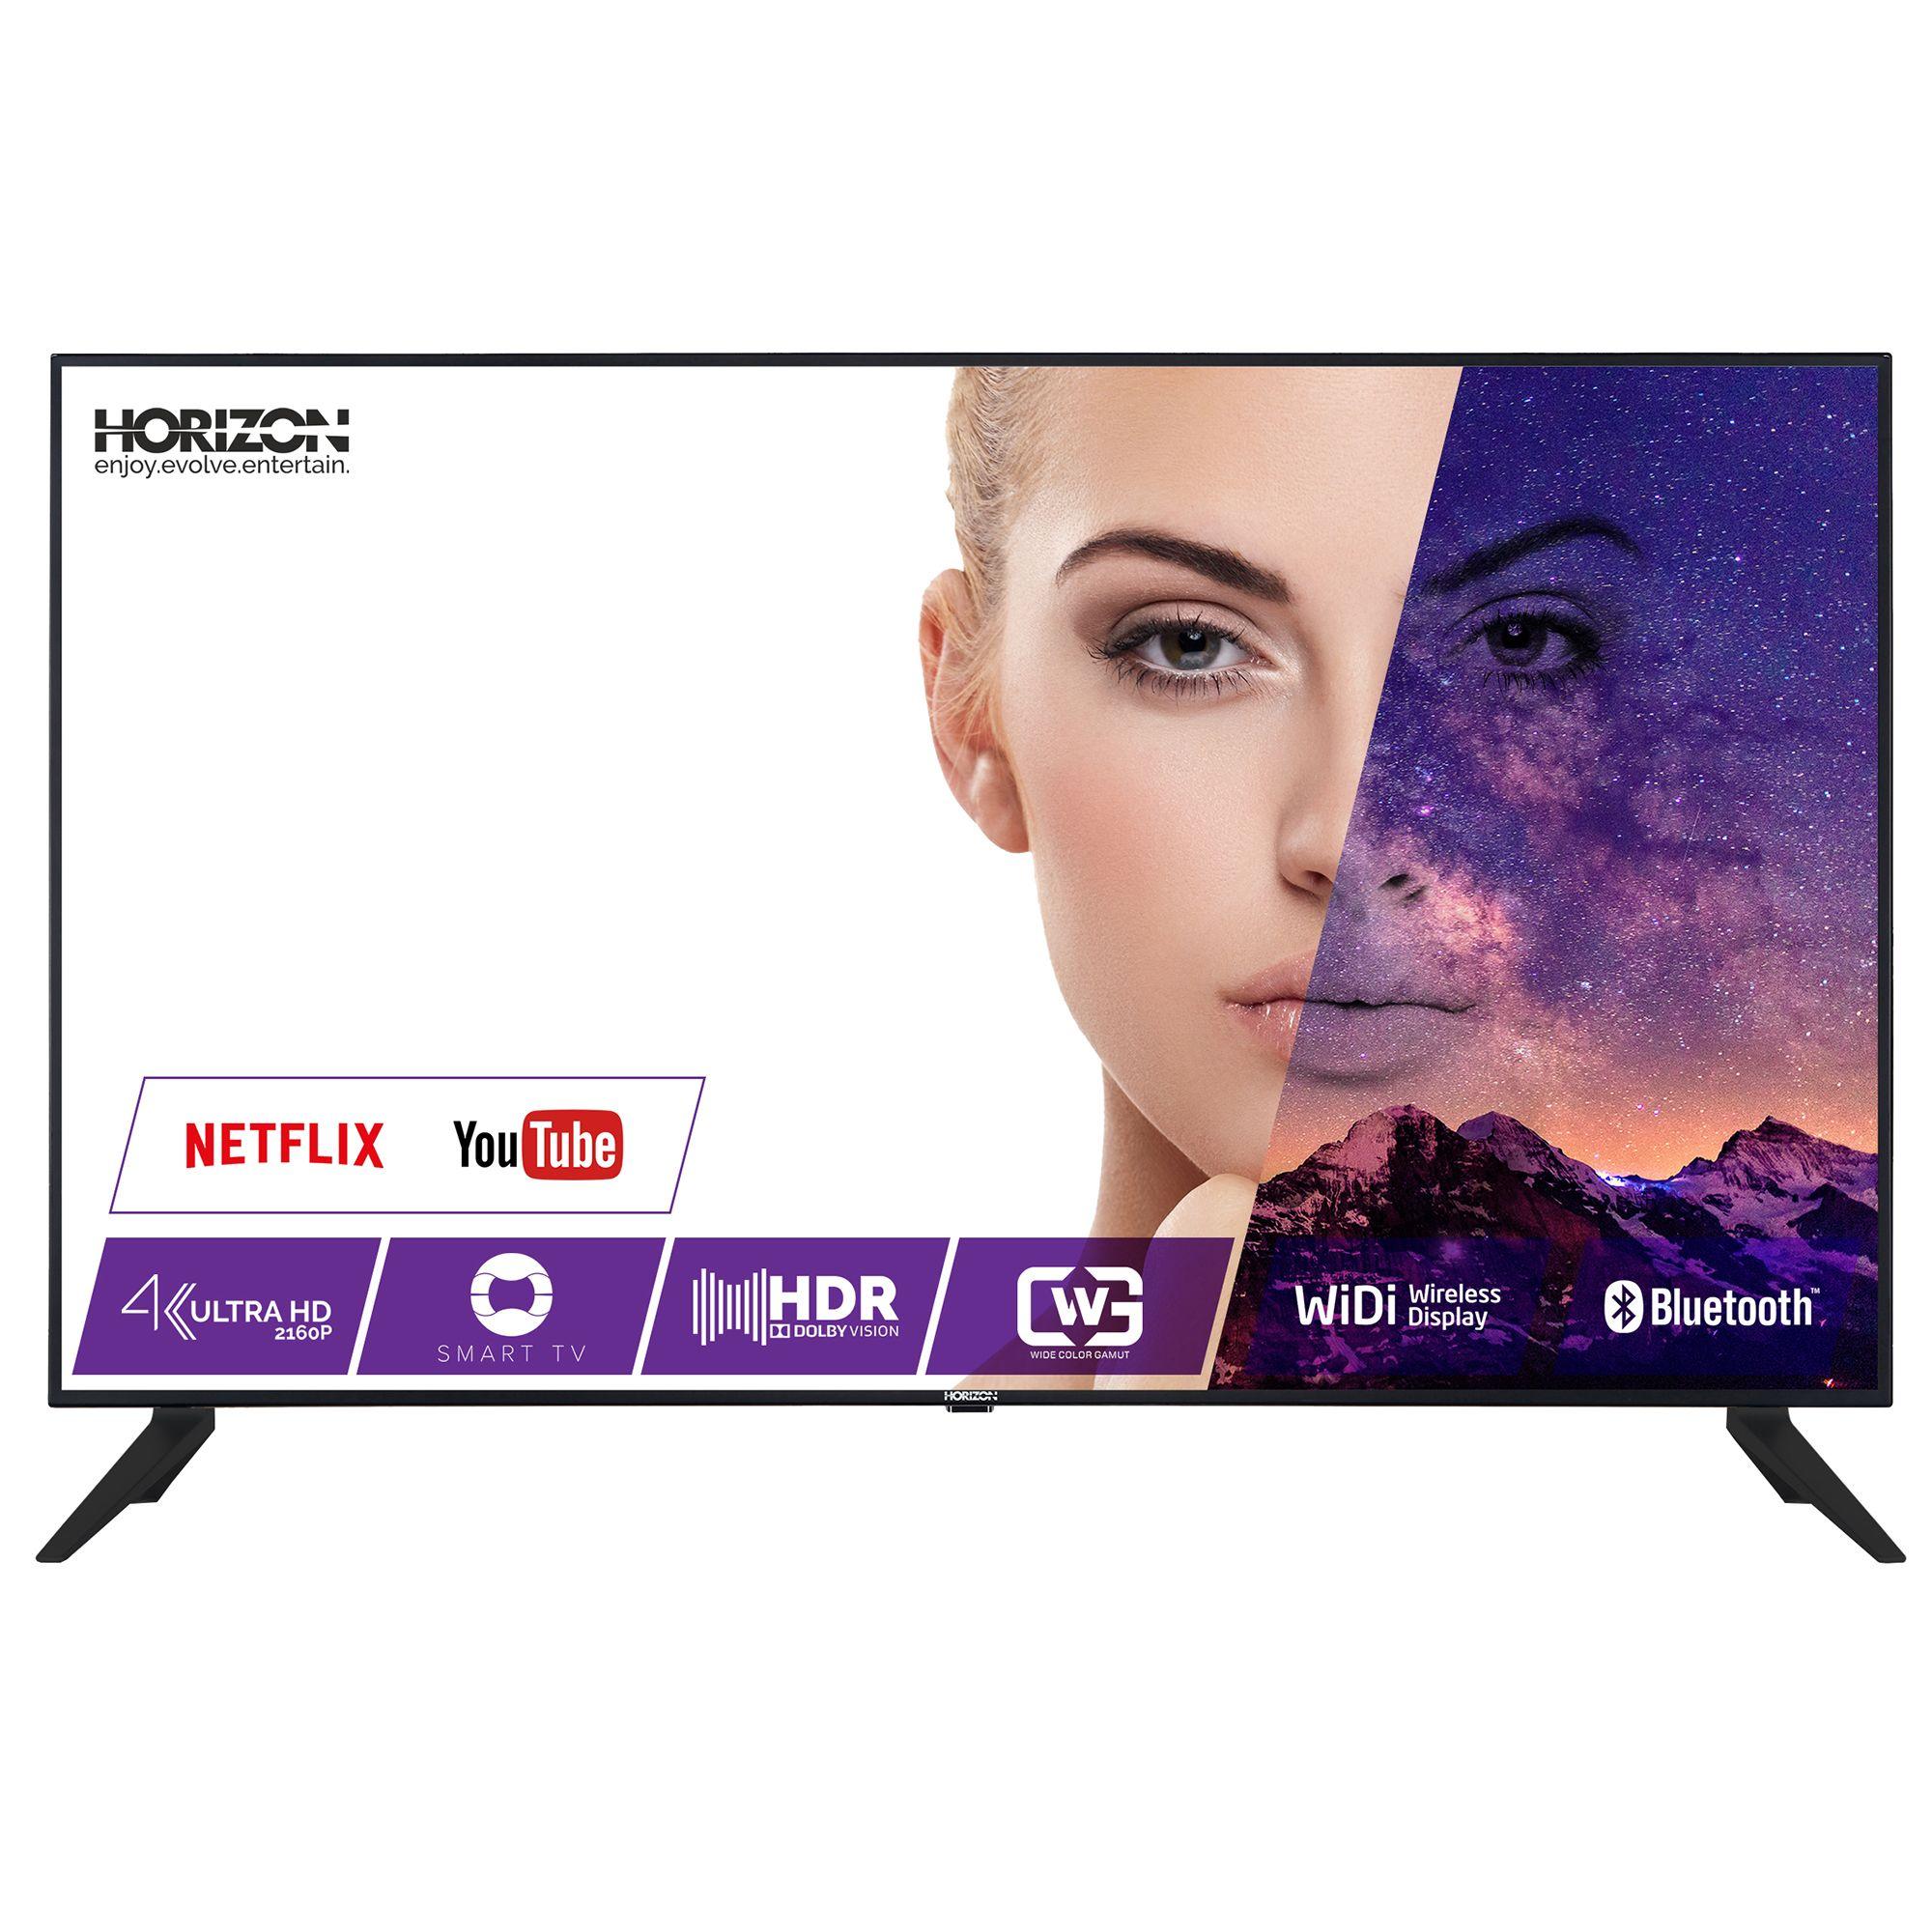 Televizor LED Horizon Smart TV 43HL9730U 109cm 4K Ultra HD Negru